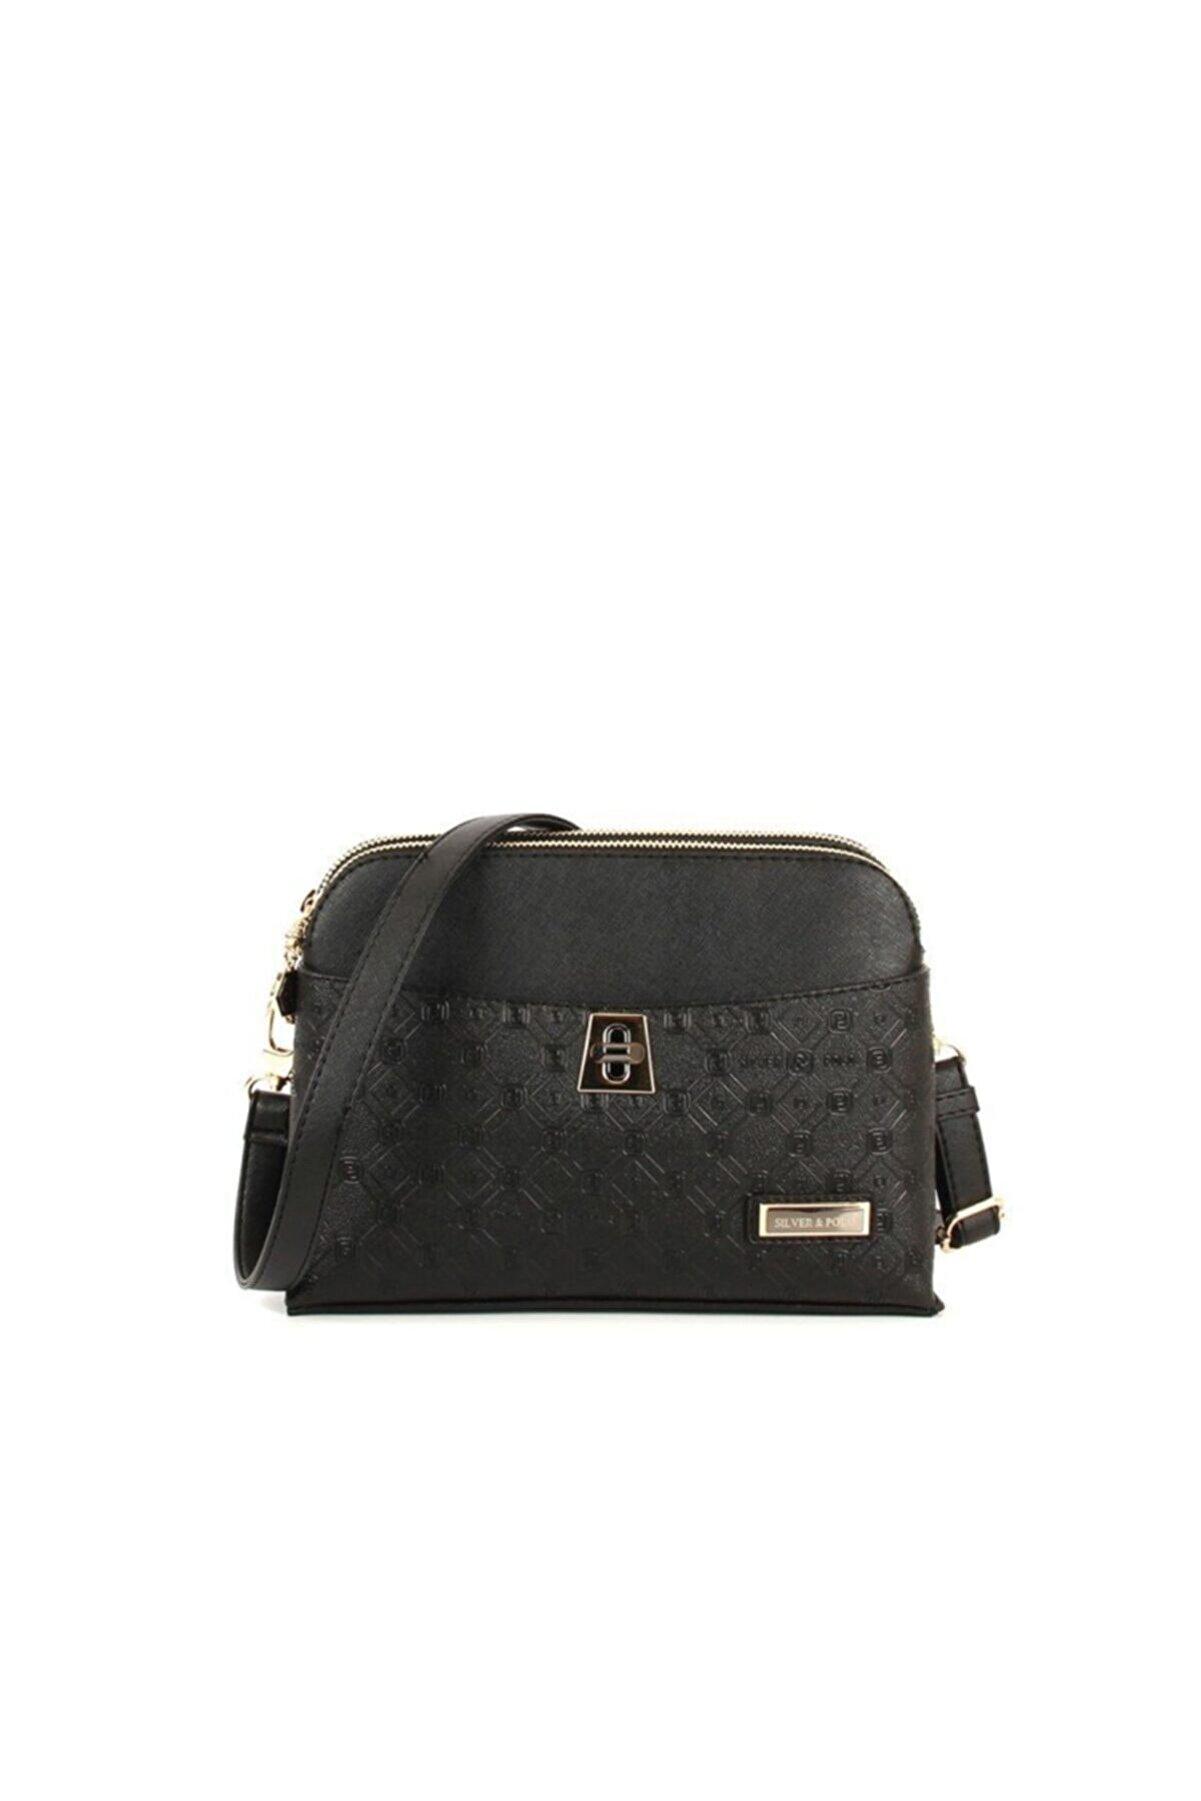 Silver Polo Siyah-mat Siyah Kadın Omuz Çantası 1sılw2019495